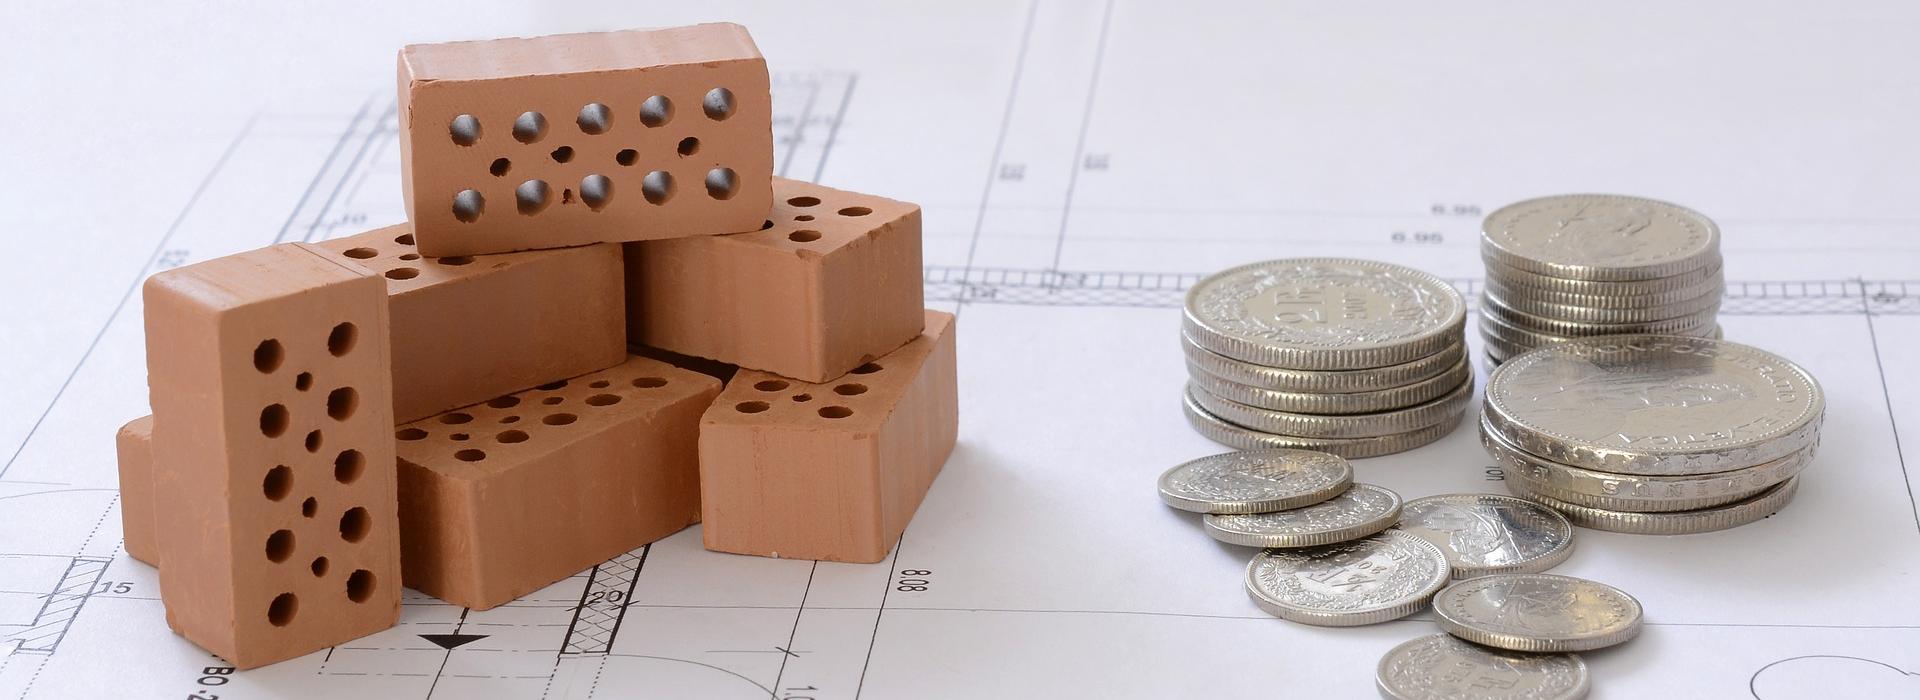 Bausteine und Geldstücke auf einem Plan Bauen_Geld.jpg